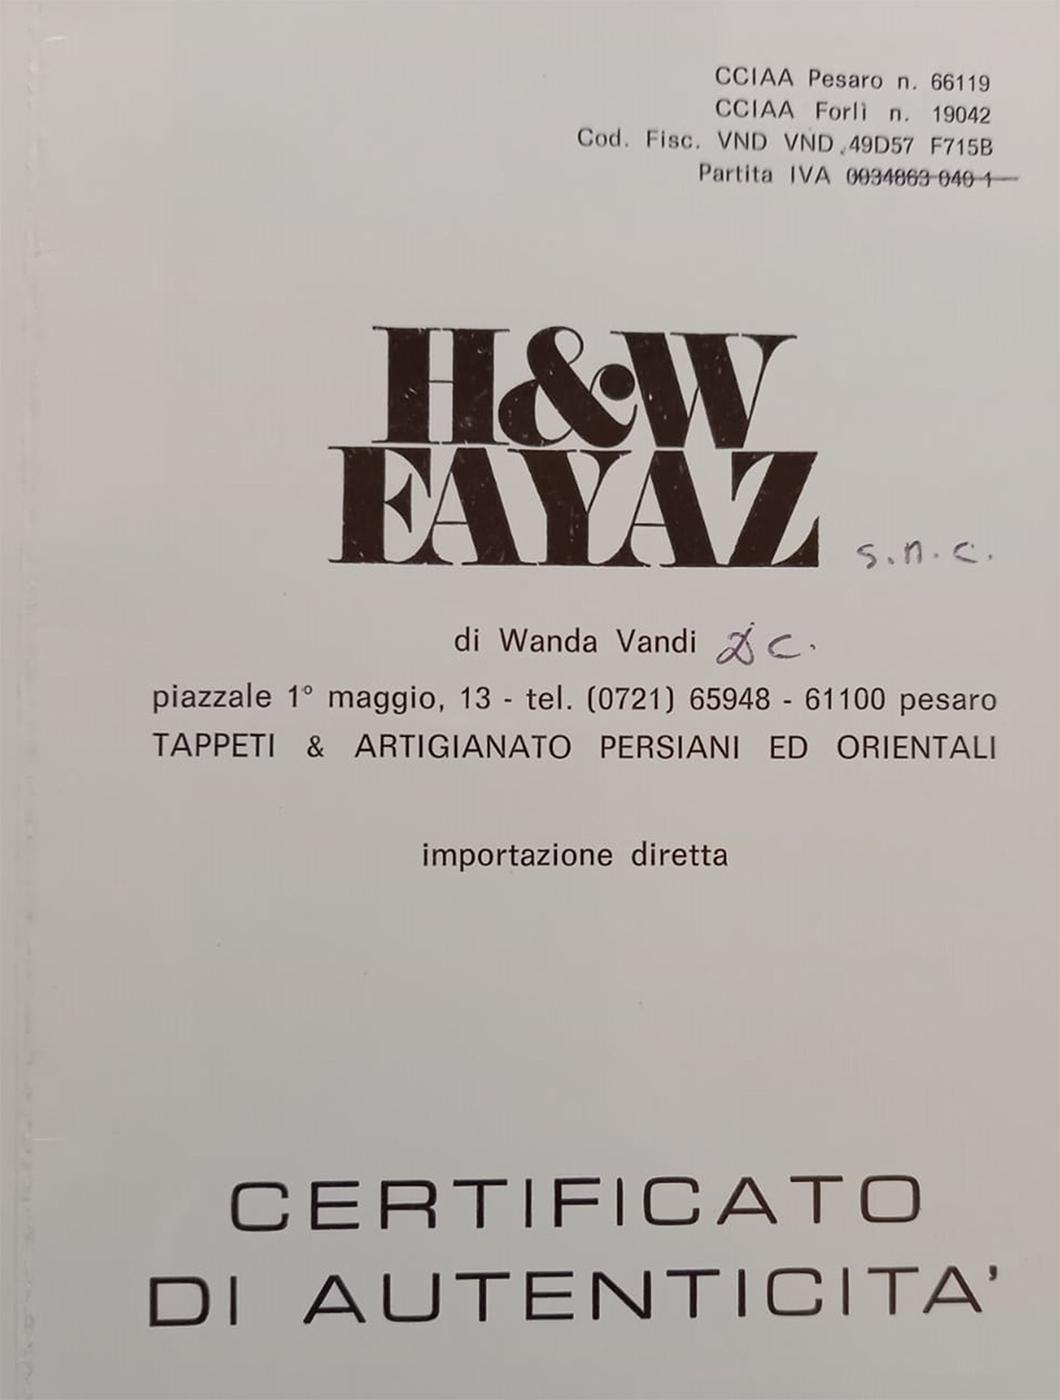 N. 10808 Kashmar, Iran, copertina certificato di autenticità della Ditta H&W FAYAZ.